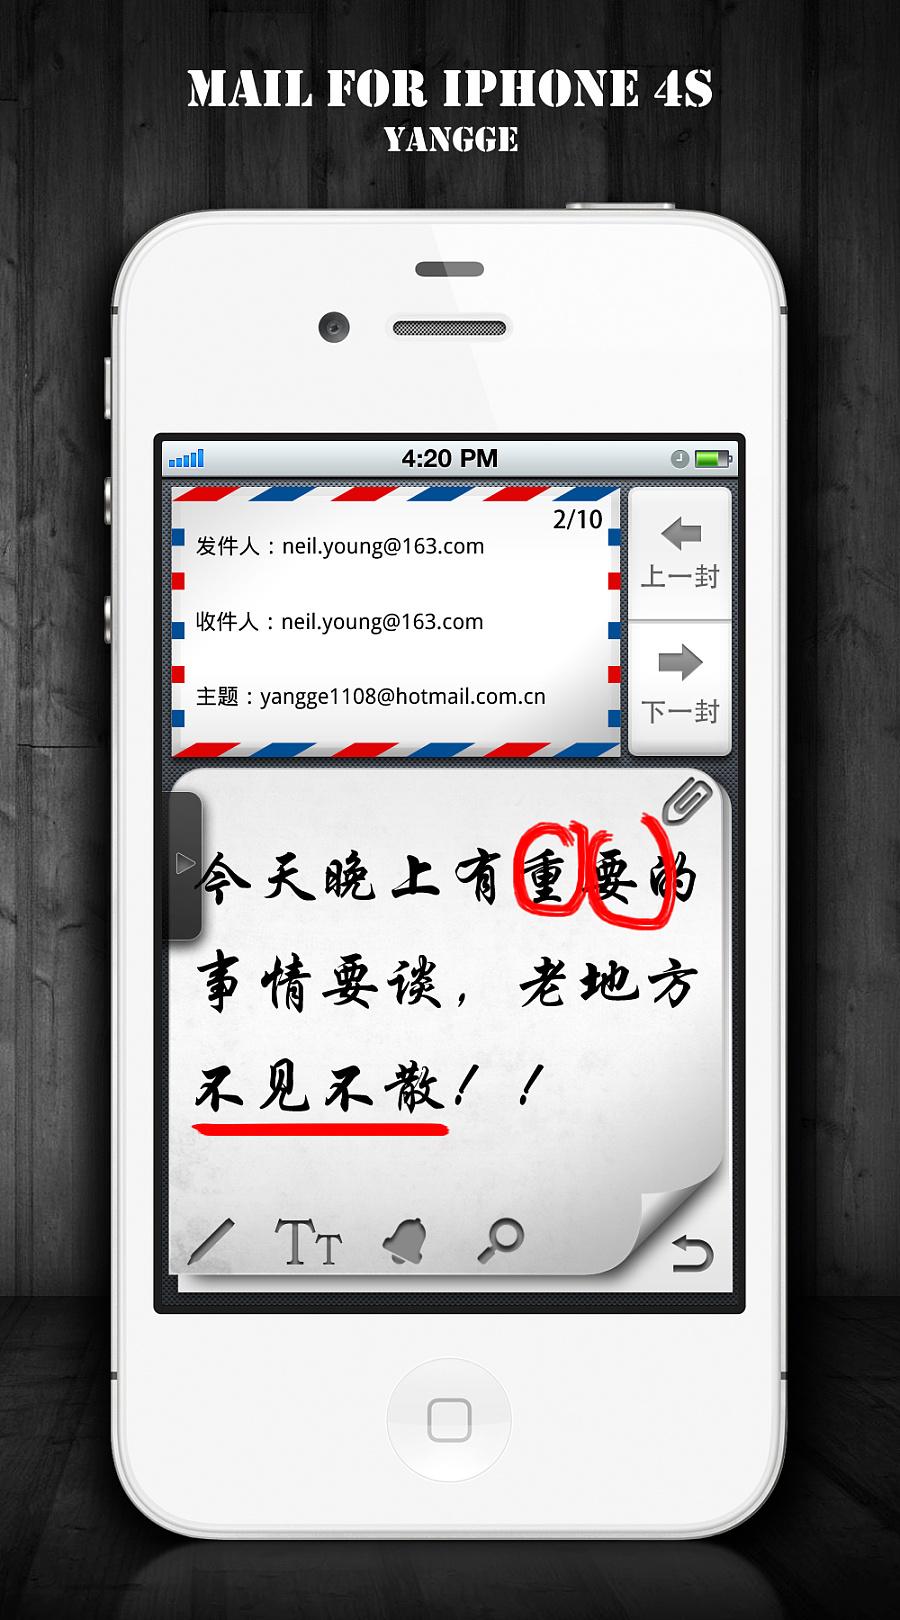 邮件平台v邮件AP绘制基础客户端界面,分辨率6excel3d手写图片